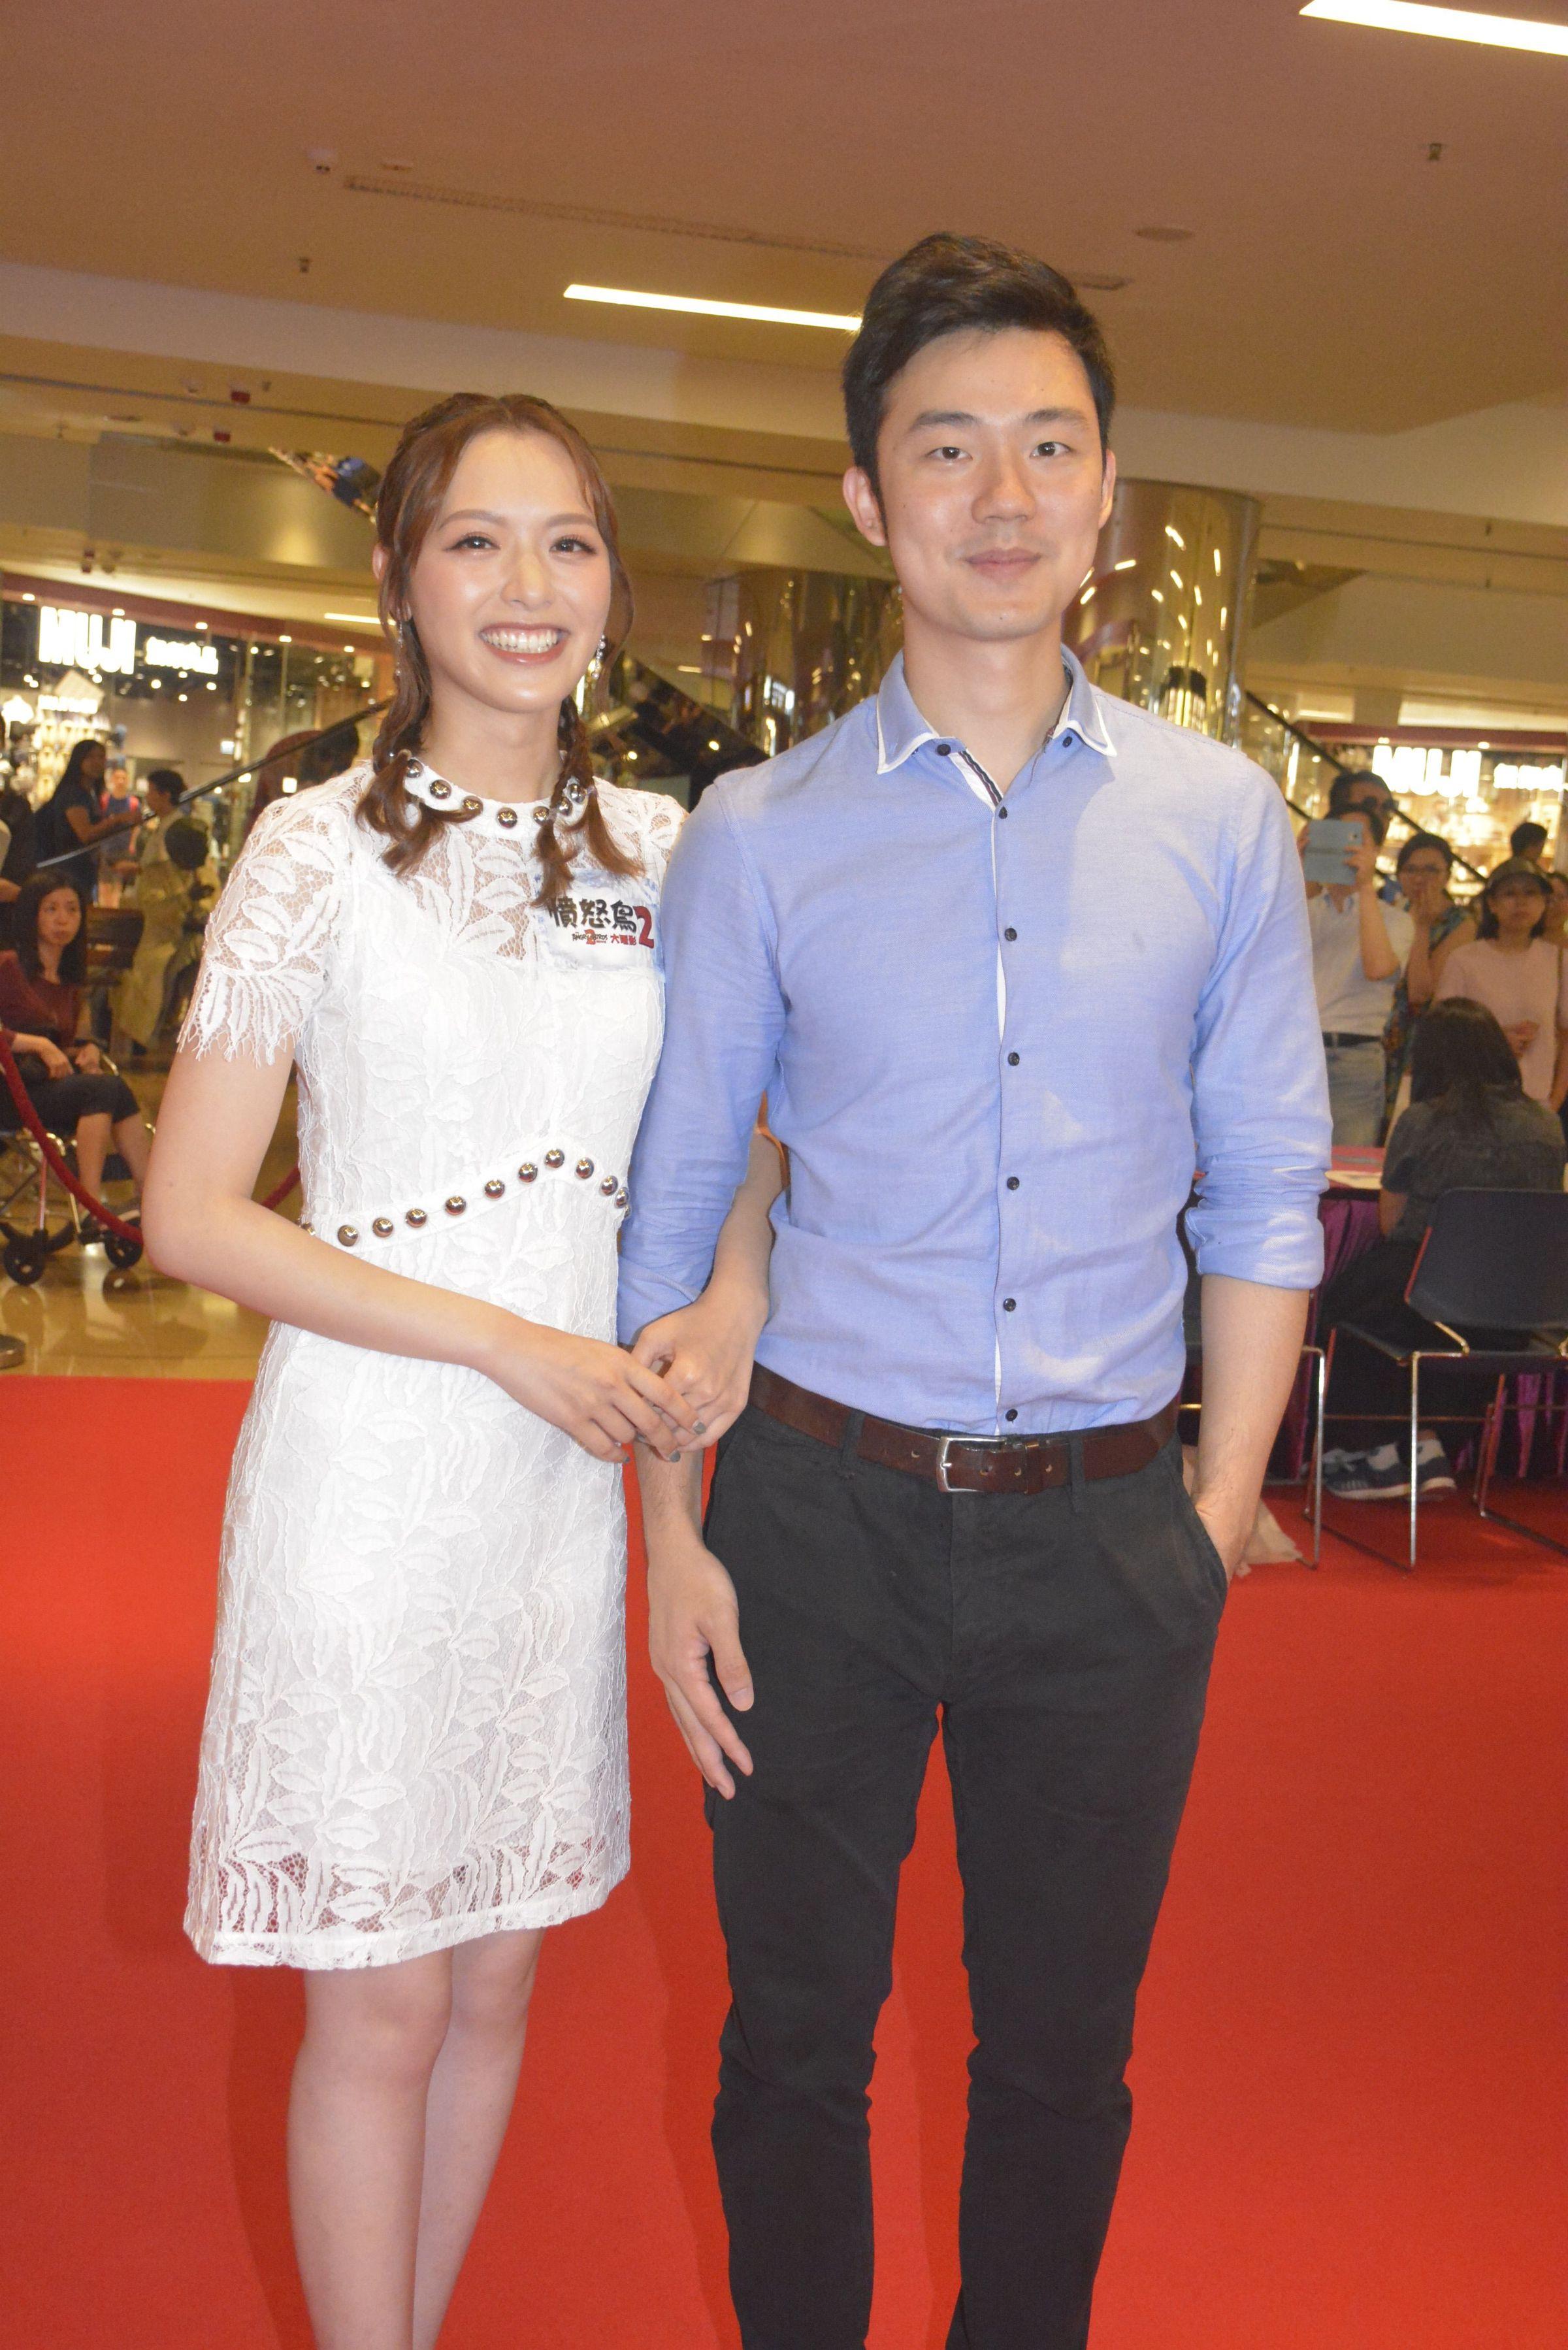 盈盈和醫生男友鍾文浩感情穩定,日前更同居。